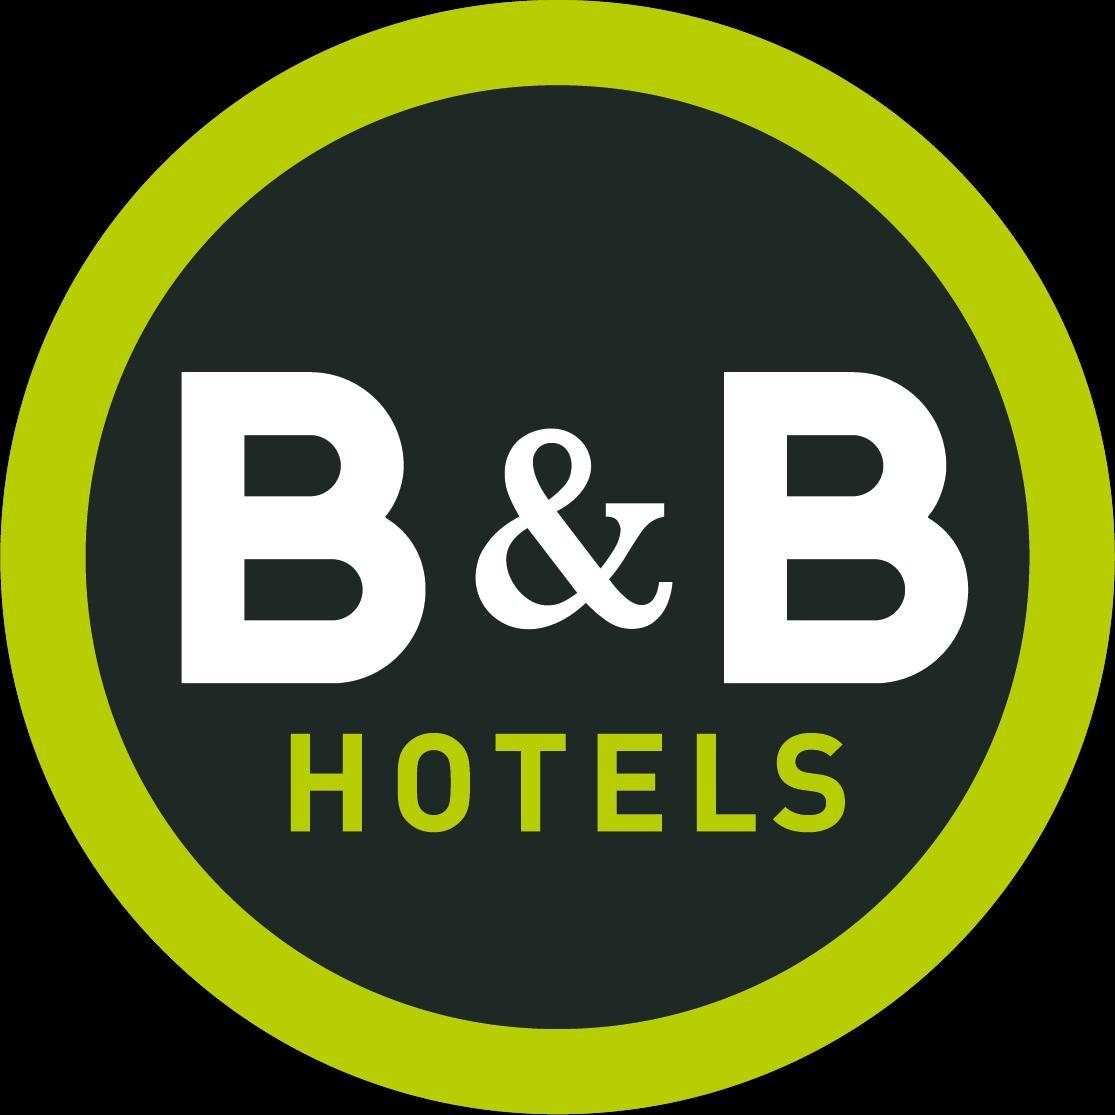 B&b Hotel Publier